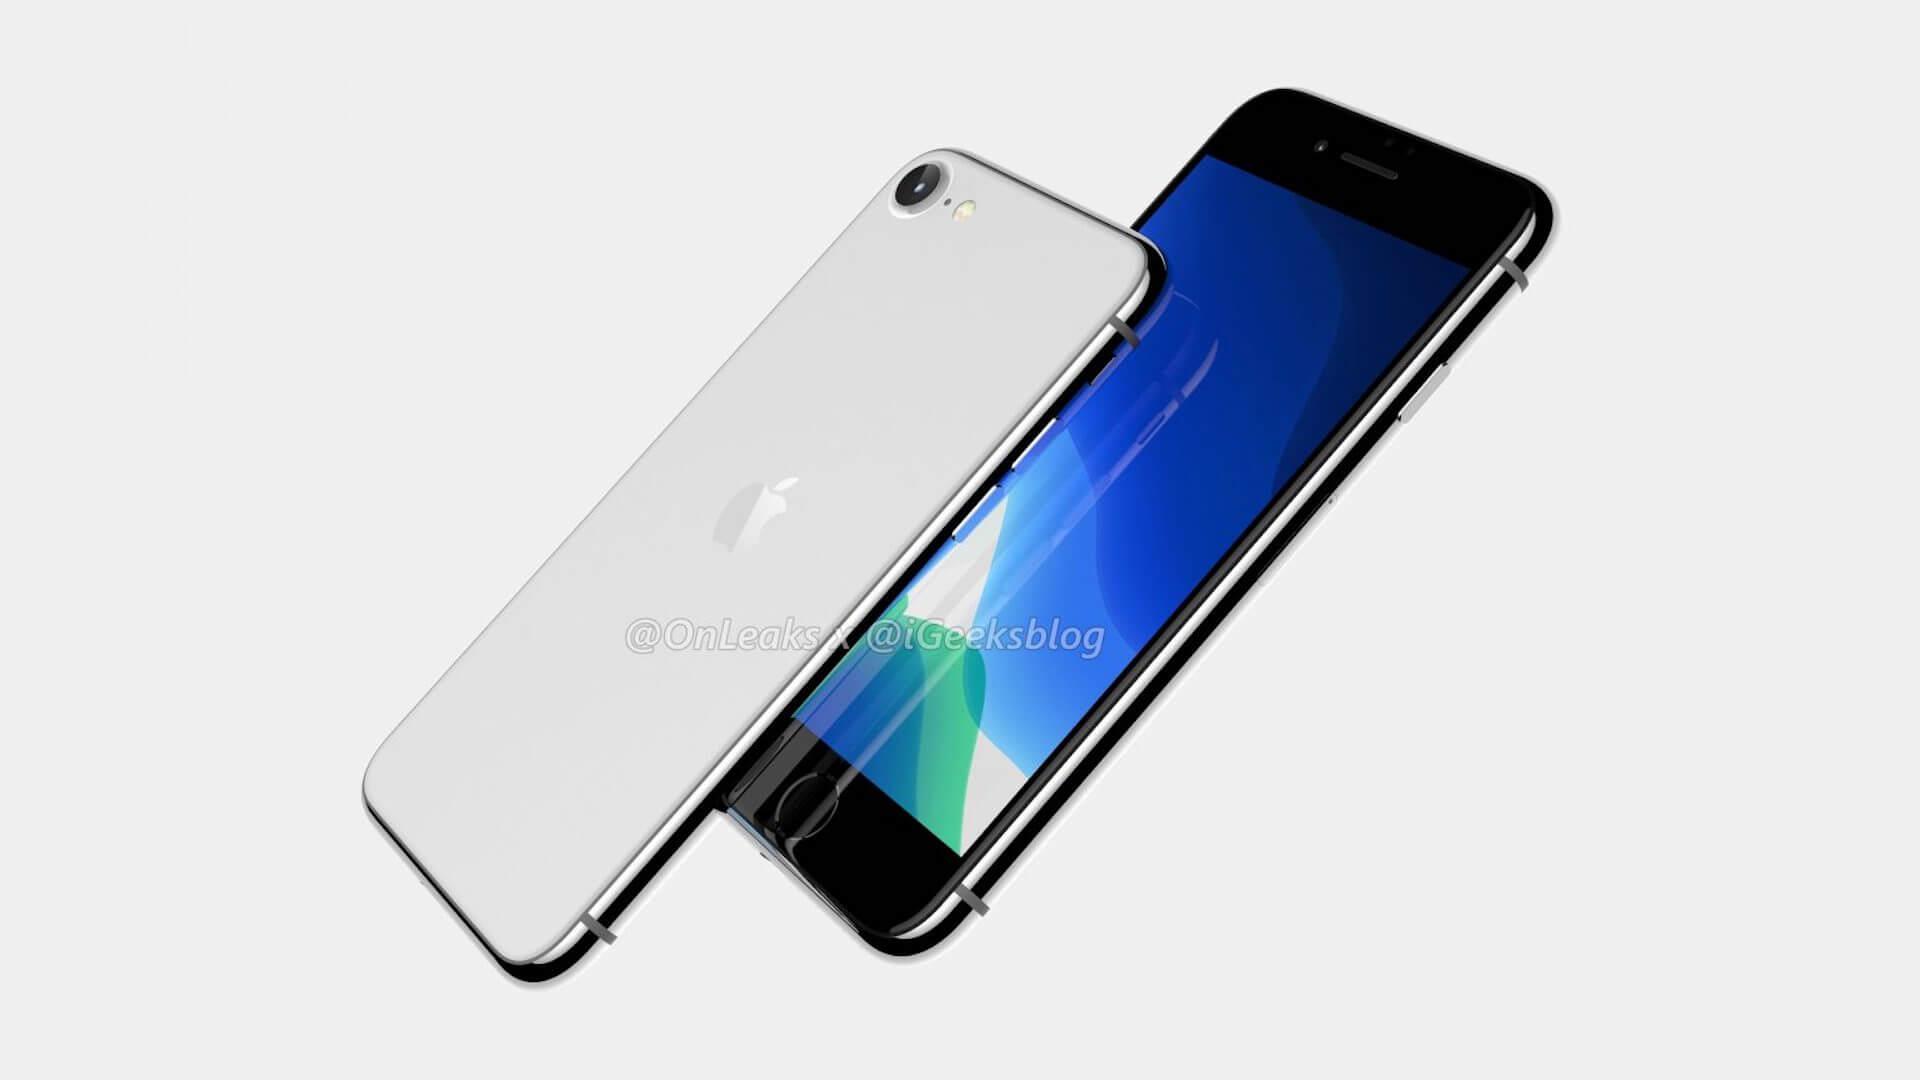 iPhone SE 2、ついに本格生産開始か!フラッグシップモデルiPhone 12の生産は遅れる見込み? tech200213_iphonese2_1